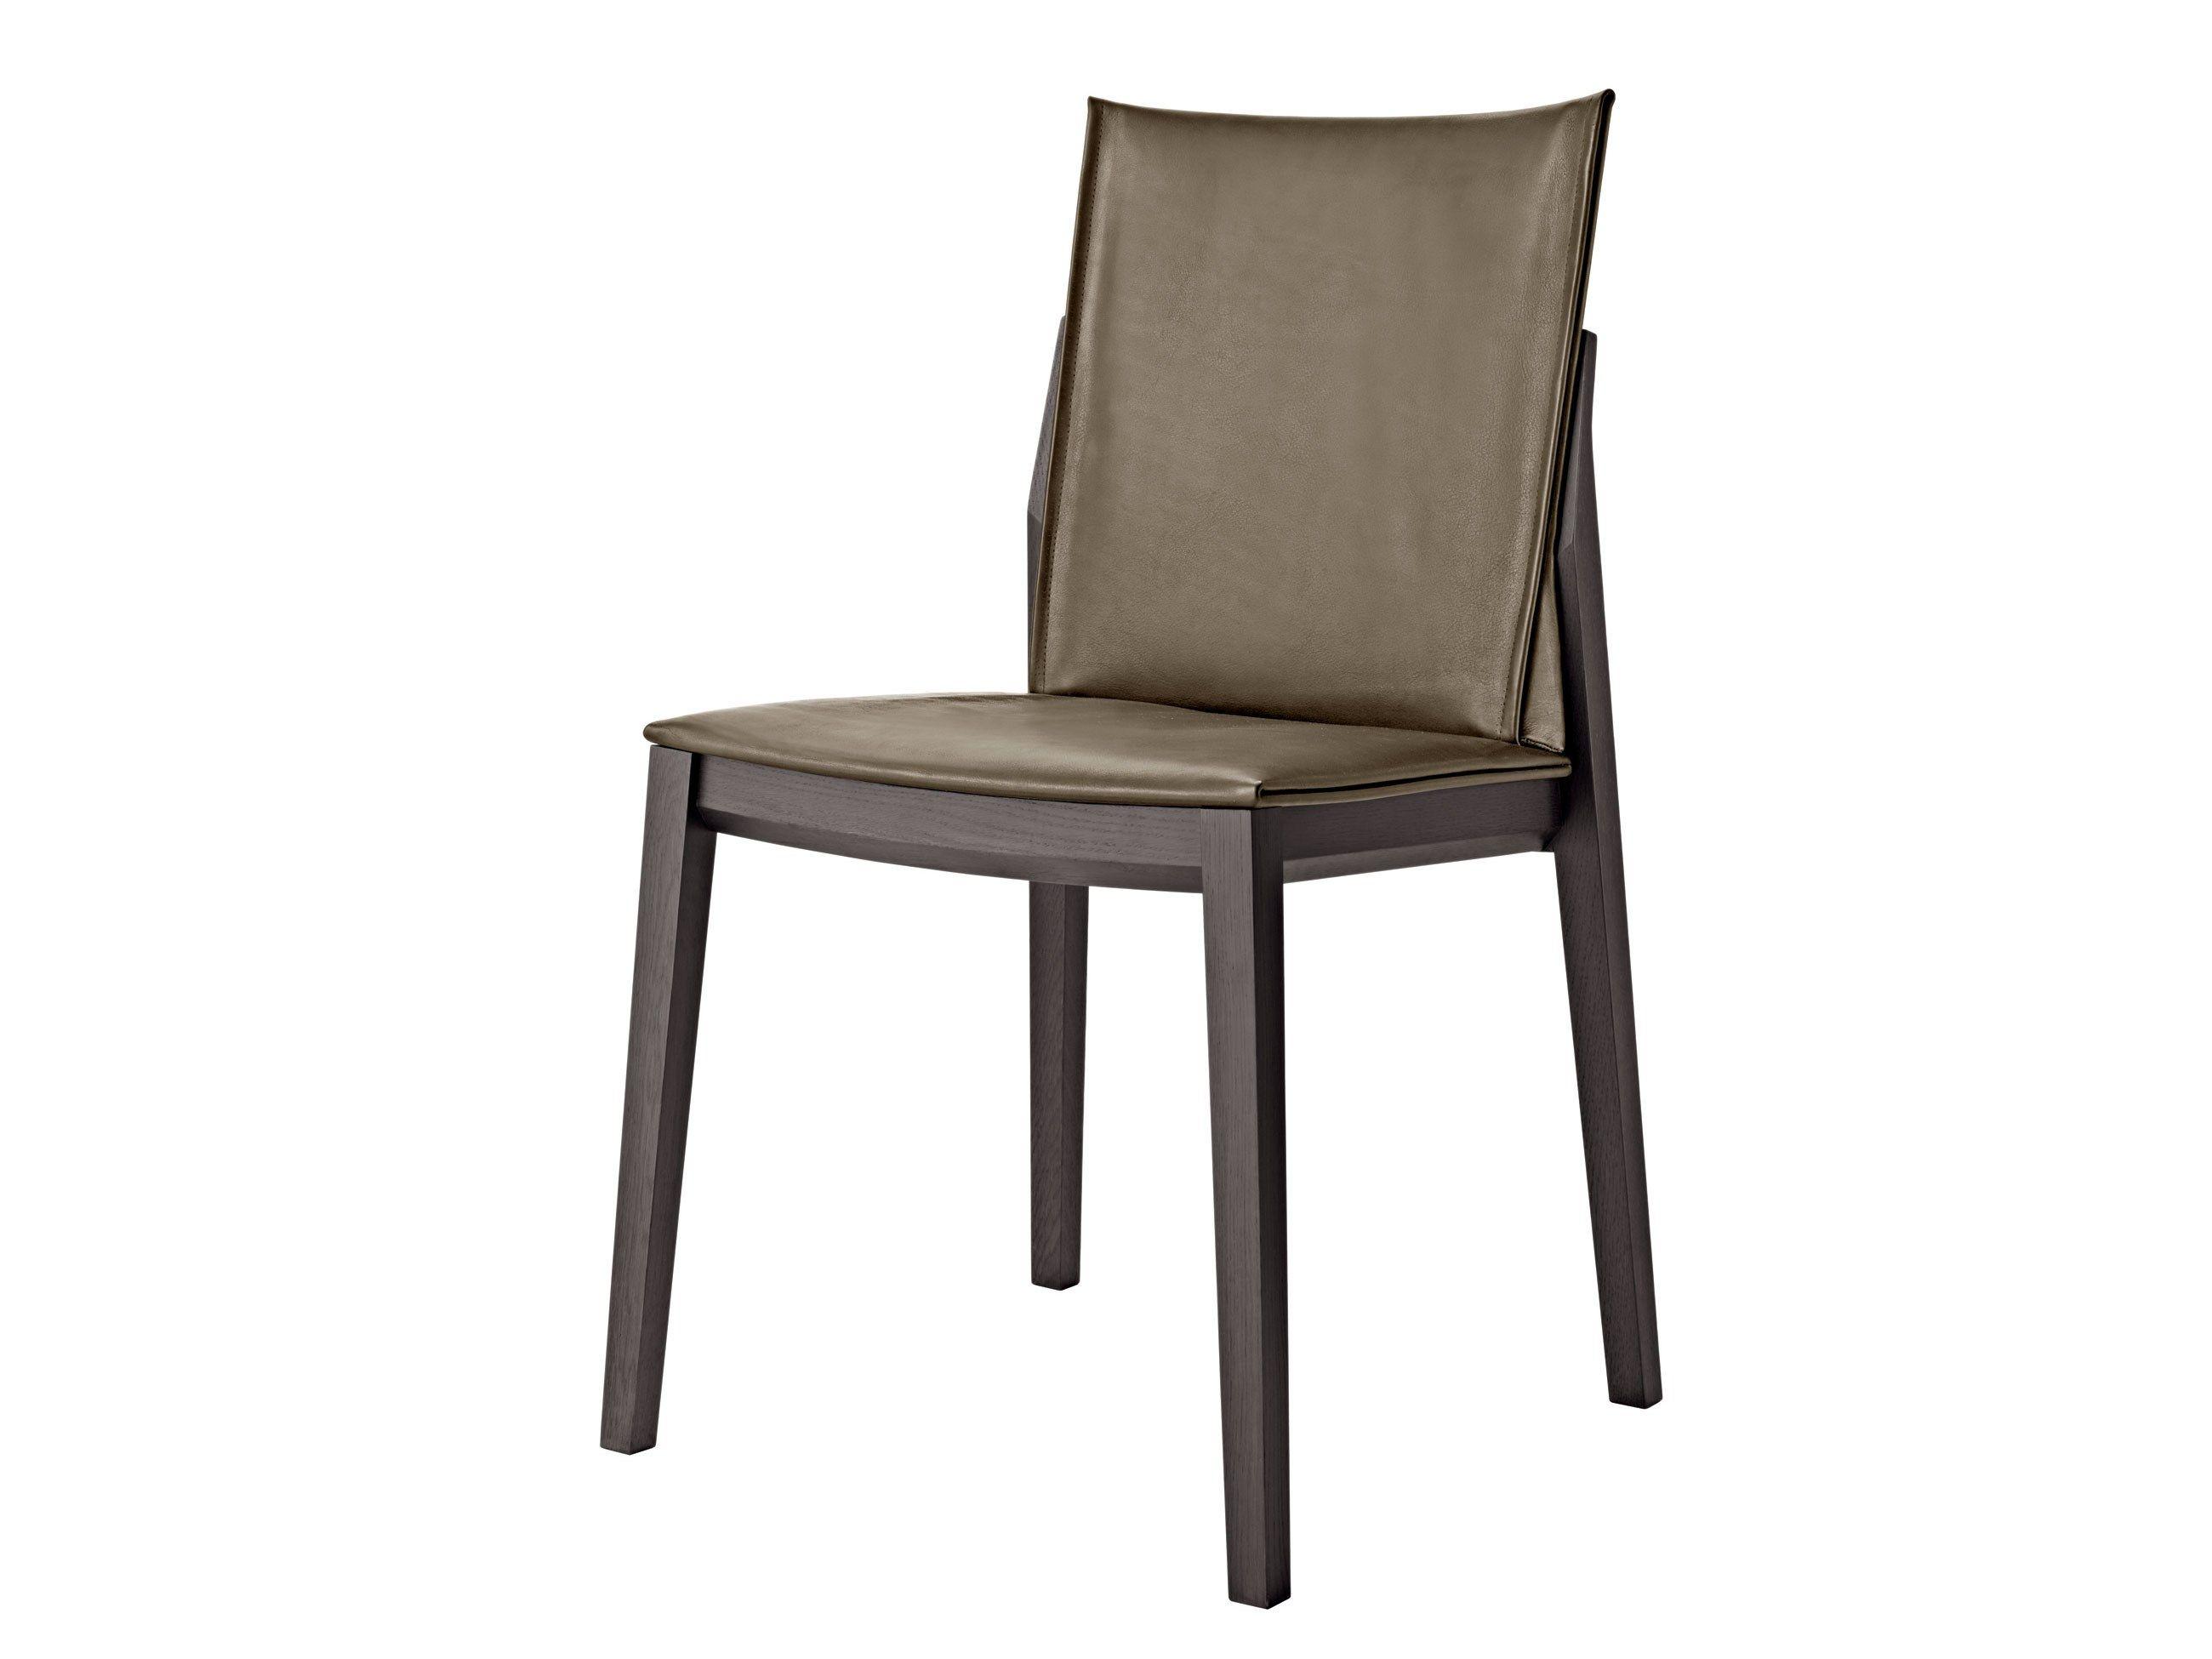 chaise rembourr e en cuir avec rev tement amovible breva molteni c. Black Bedroom Furniture Sets. Home Design Ideas